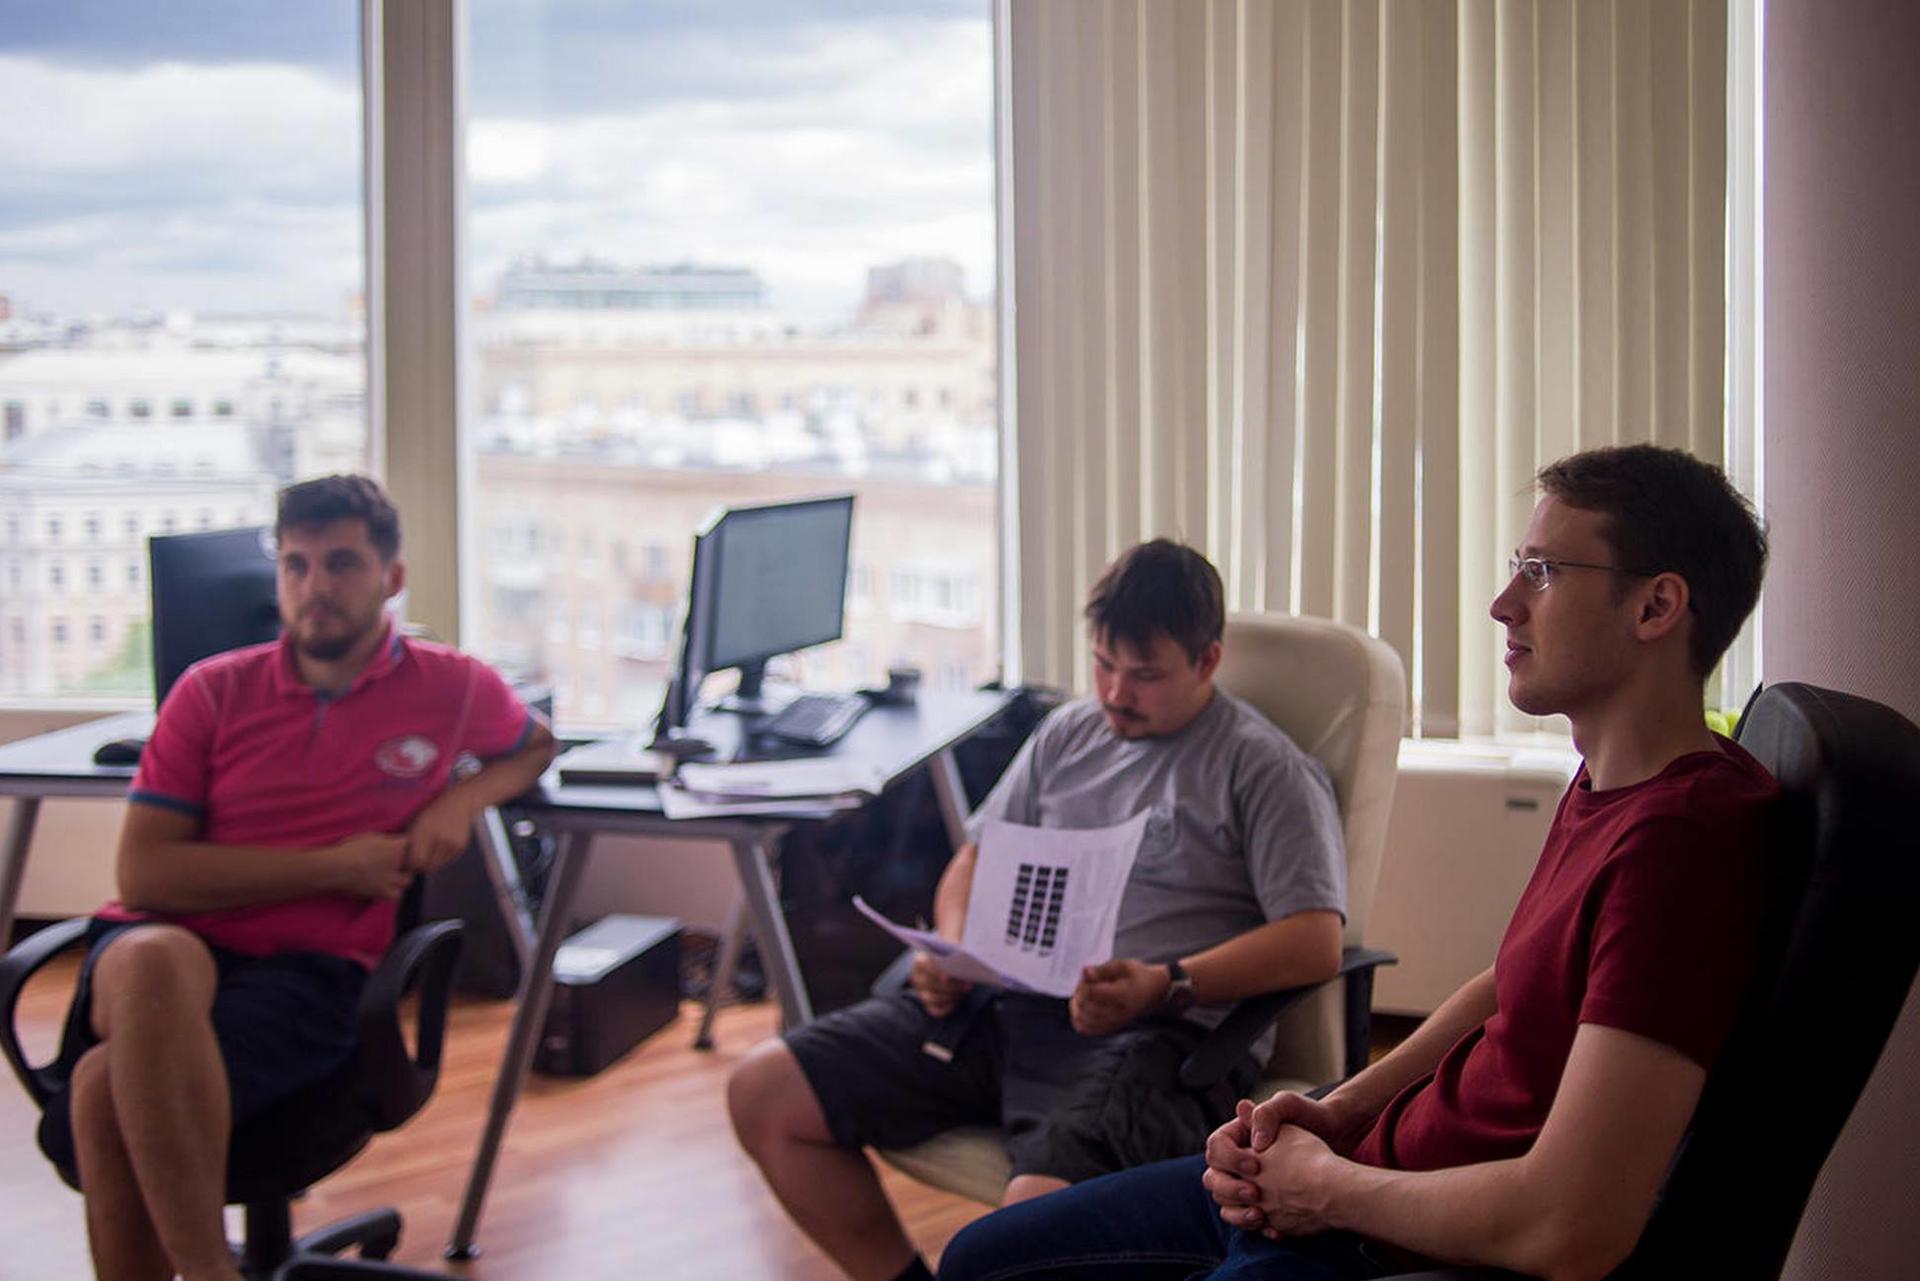 Артём Кухаренко, основатель компании NTechLab — о распознавании лиц, потенциале нейросетей и бизнесе - 5